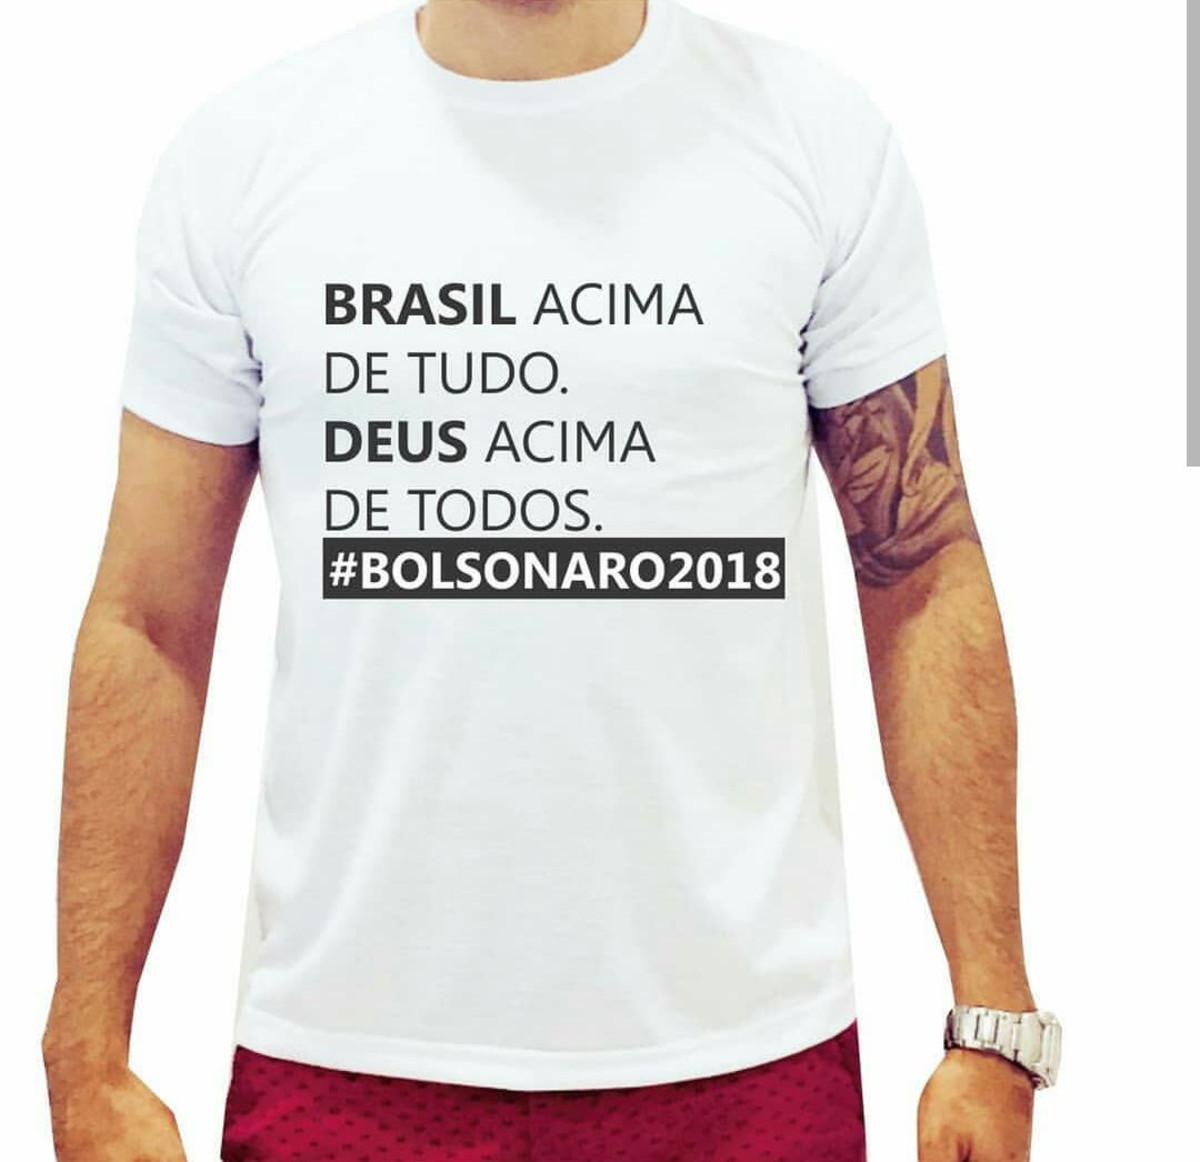 047db7c975 Camiseta Vontade de Deus Camisetas t Christian